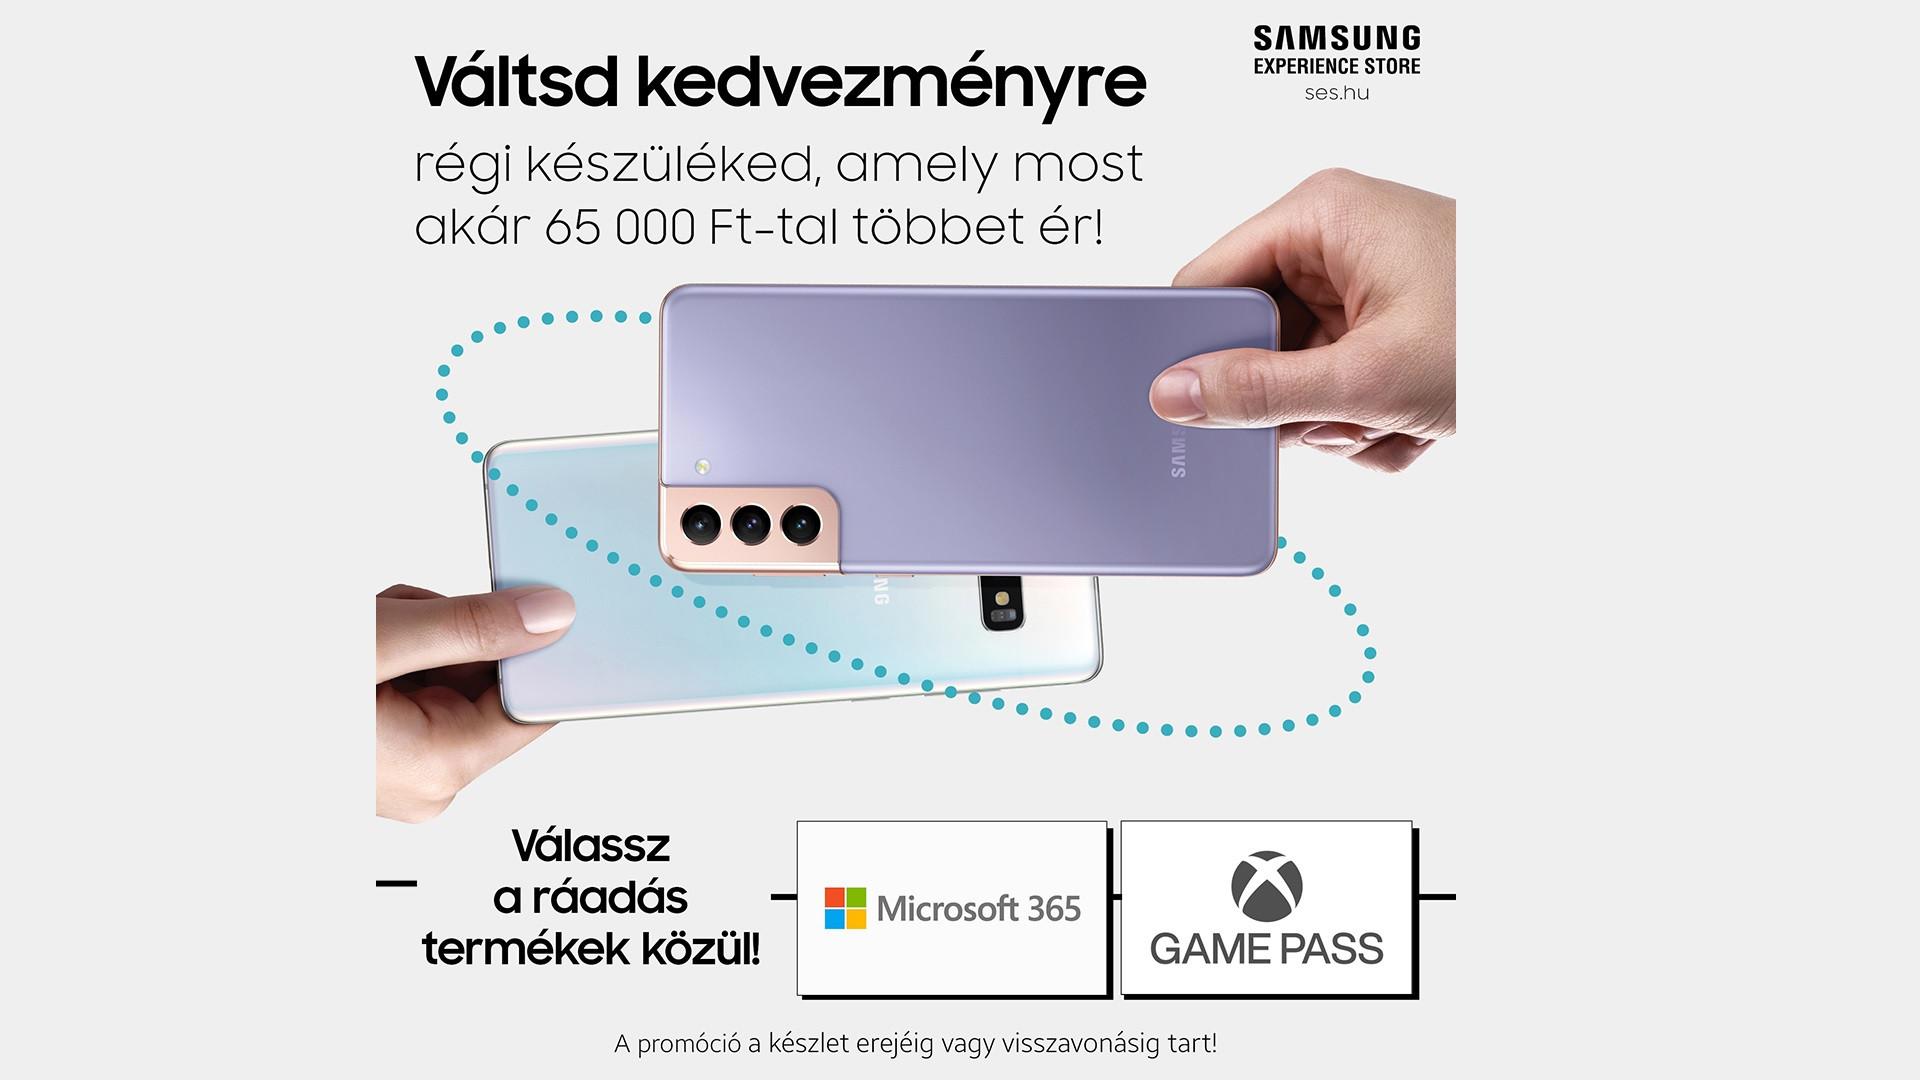 Válts most Samsung Galaxy S21 szériás készülékre!